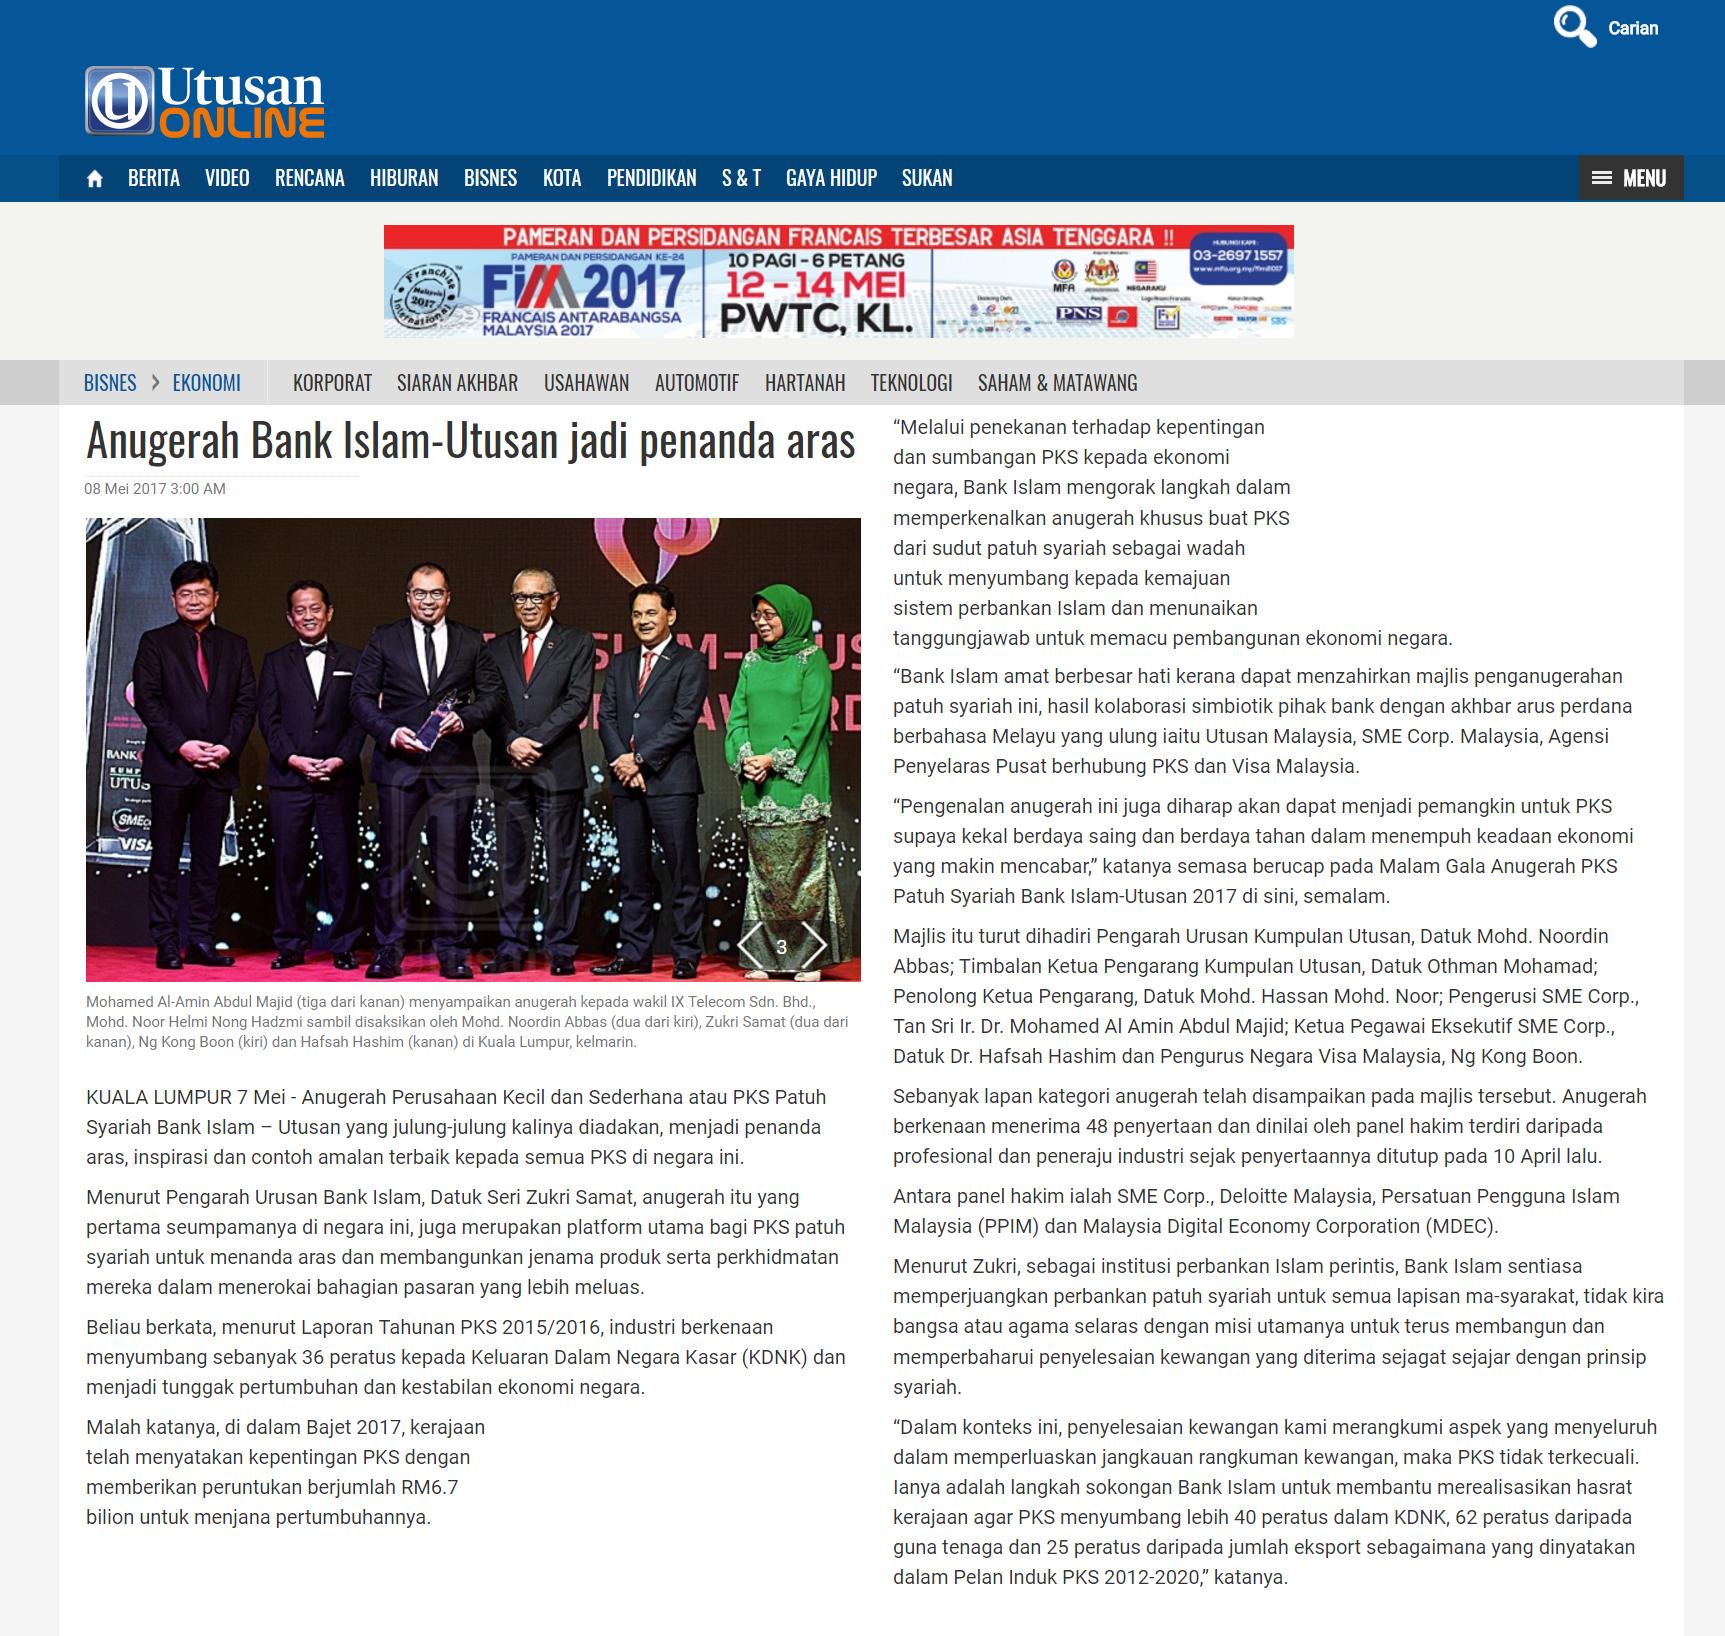 20170507 - Utusan Online - Perbankkan - Anugerah Bank Islam-Utusan jadi penanda aras